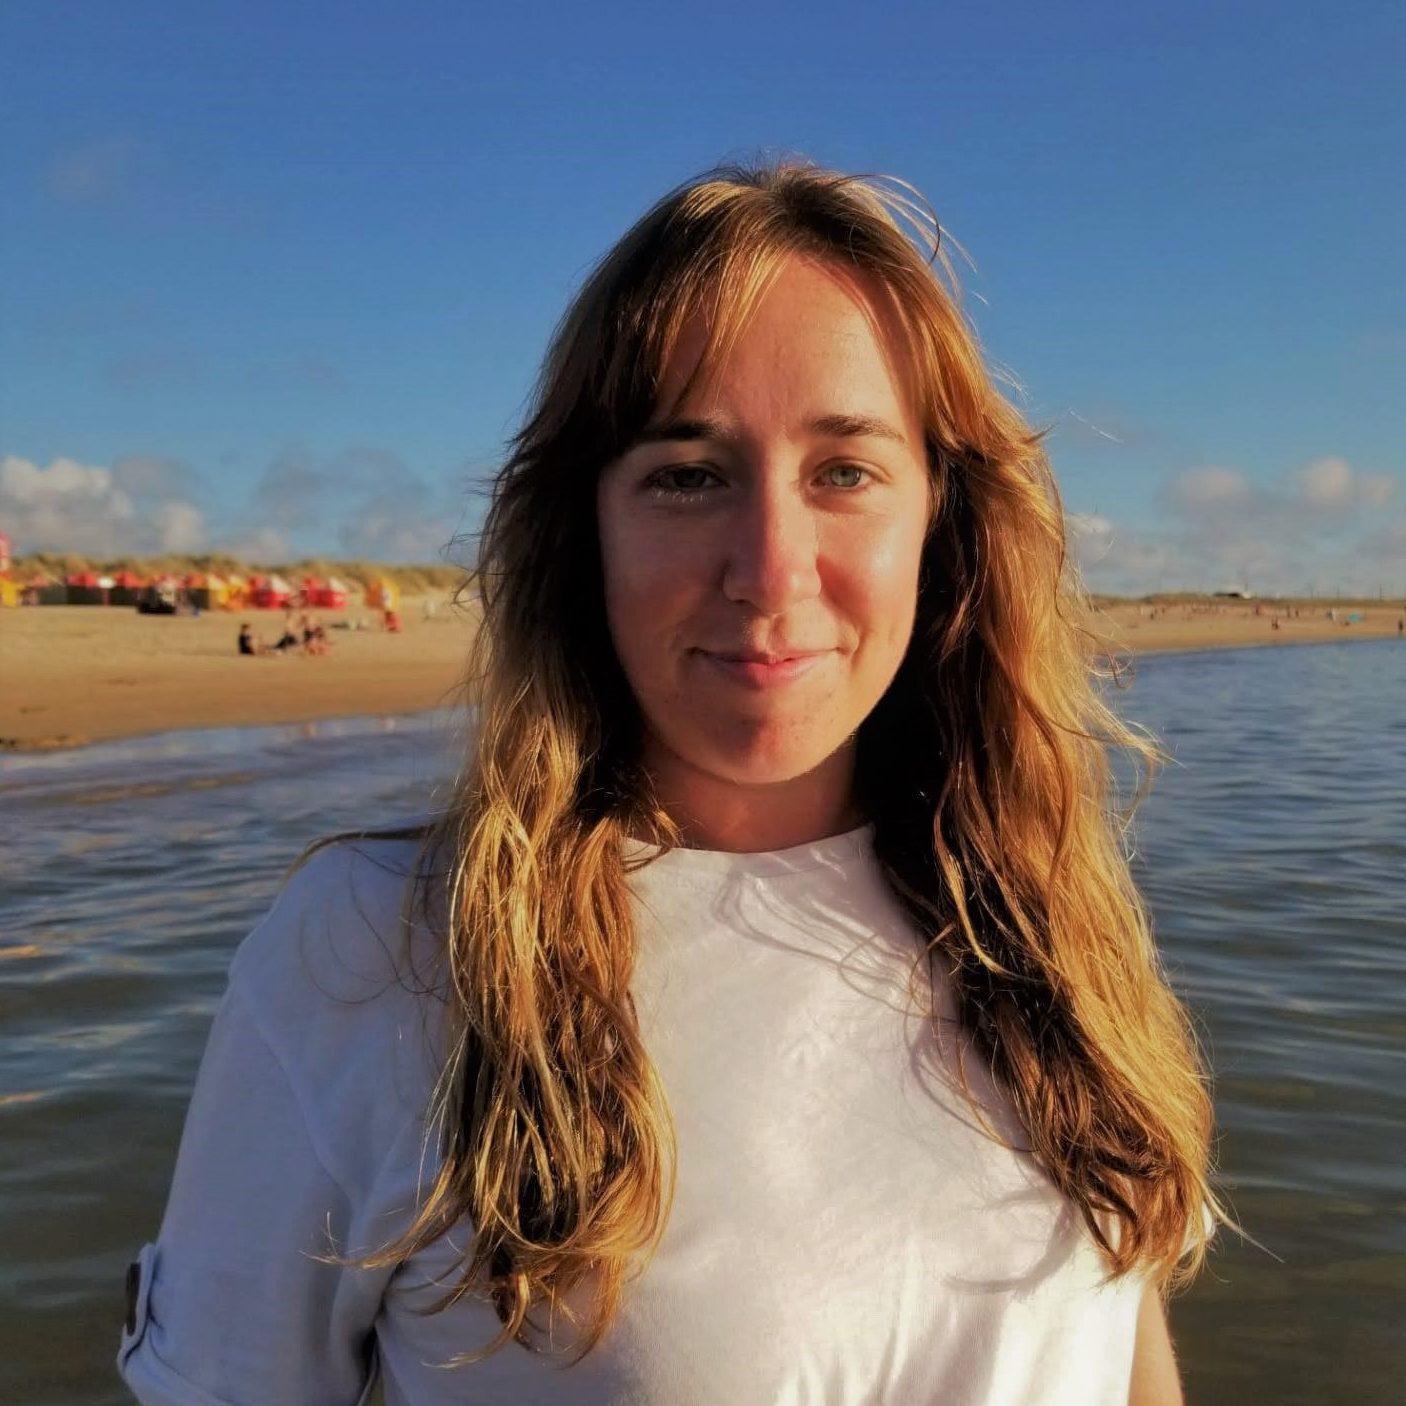 Ana Margarida Martins, Líder de Viagens